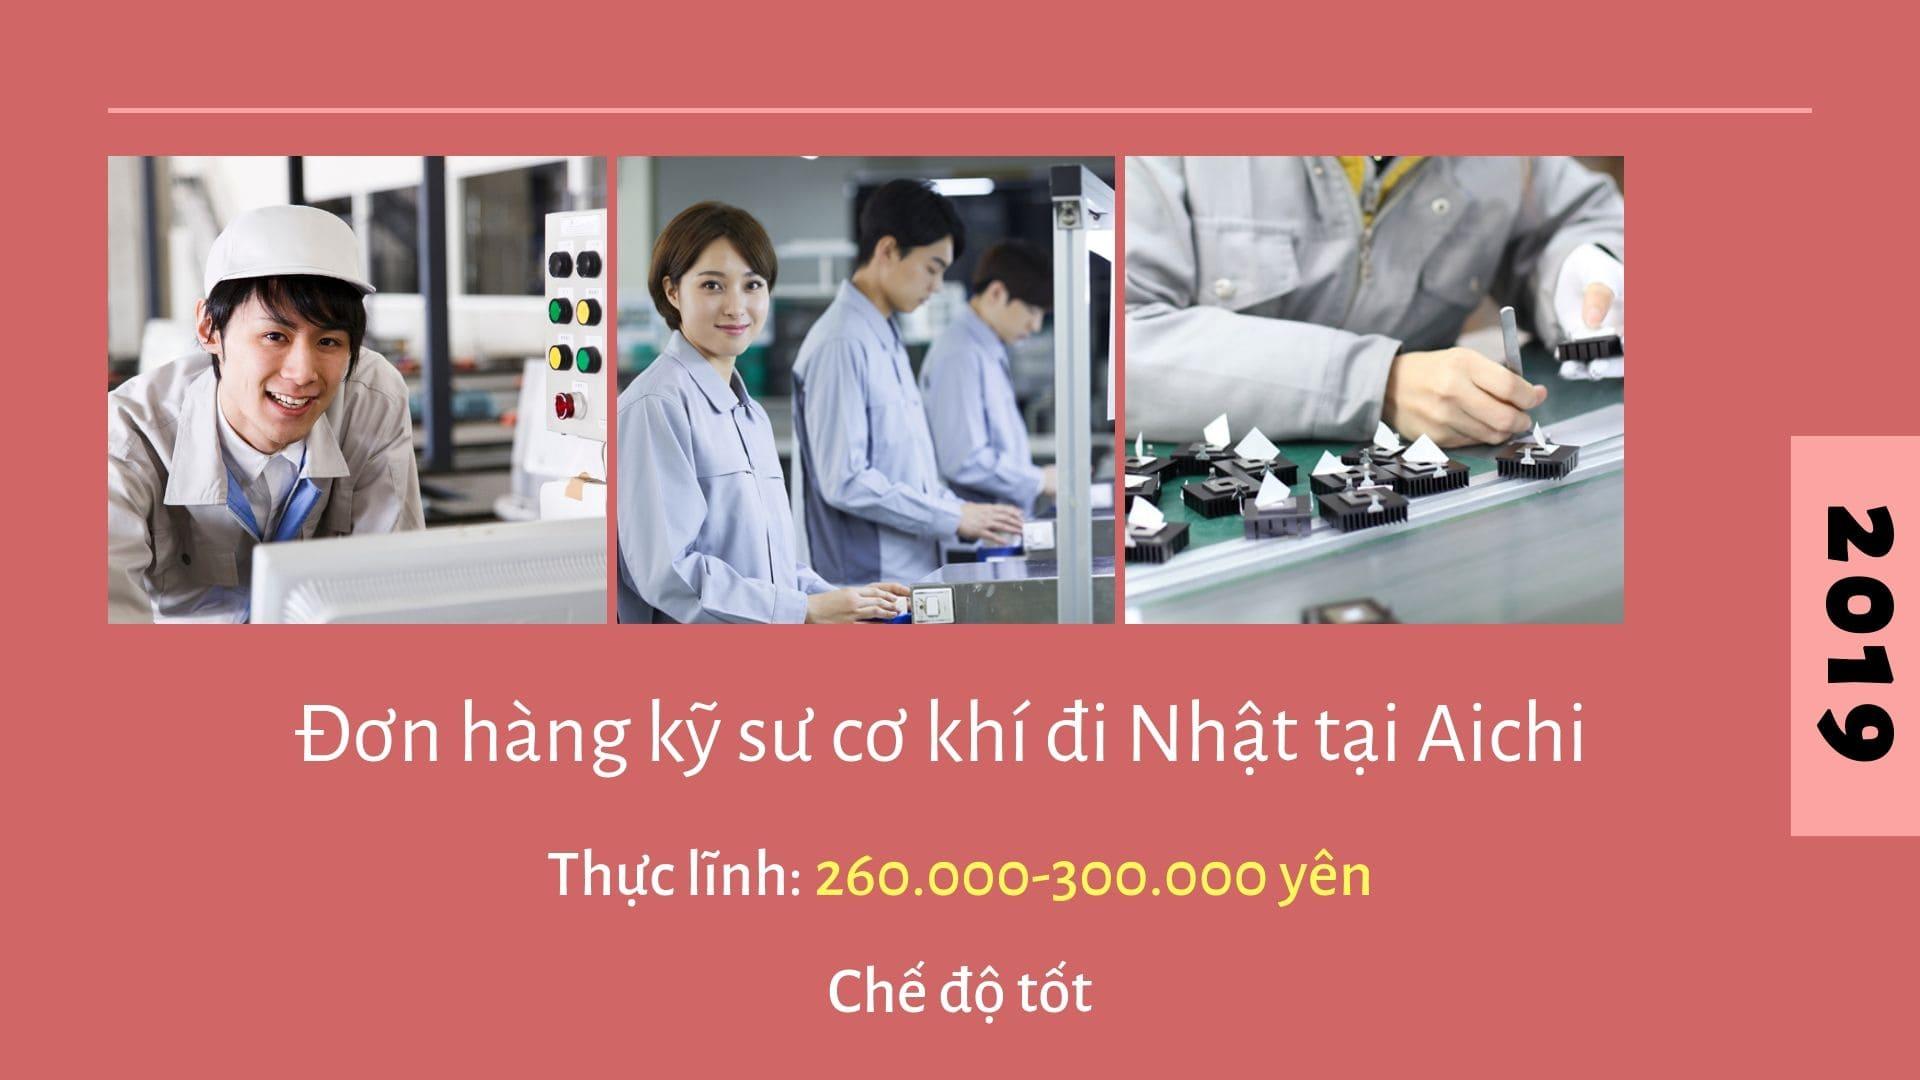 Đơn hàng kỹ sư cơ khí đi Nhật LƯƠNG CAO, hỗ trợ KHỦNG tại Aichi, Nhật Bản